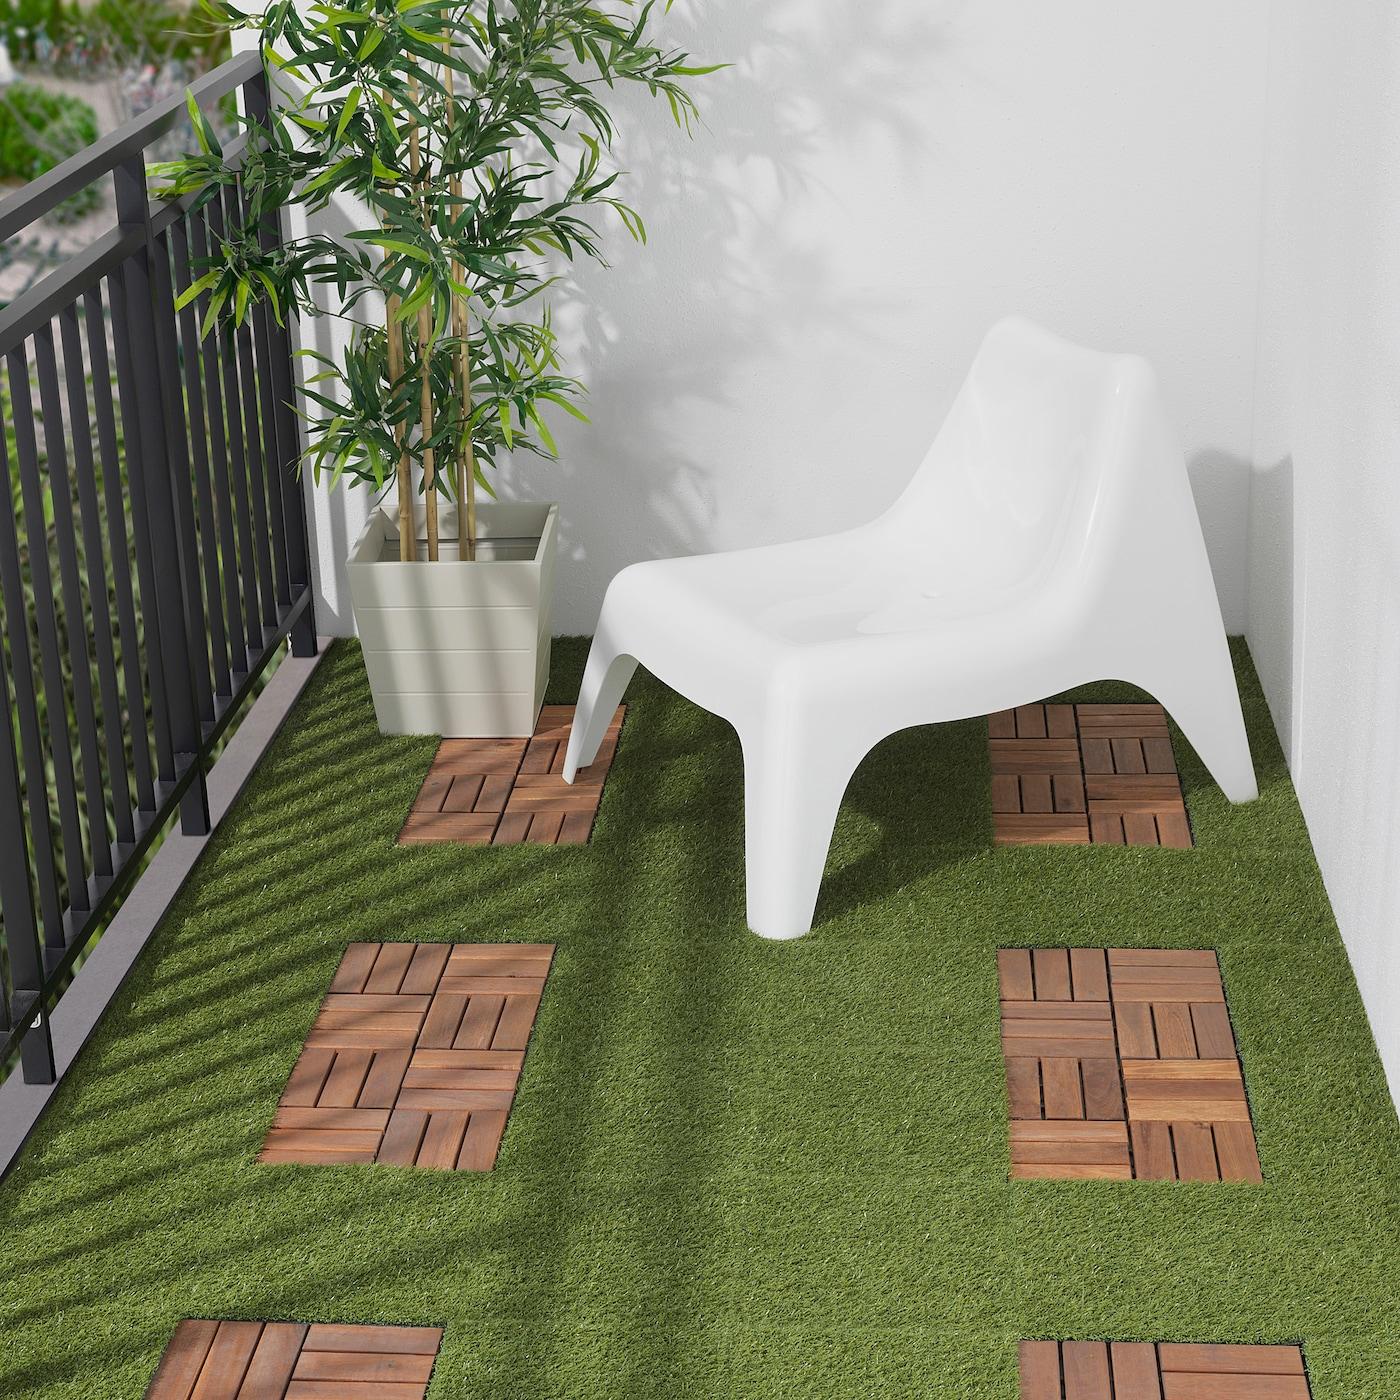 Runnen Decking Outdoor Artificial Grass Ikea